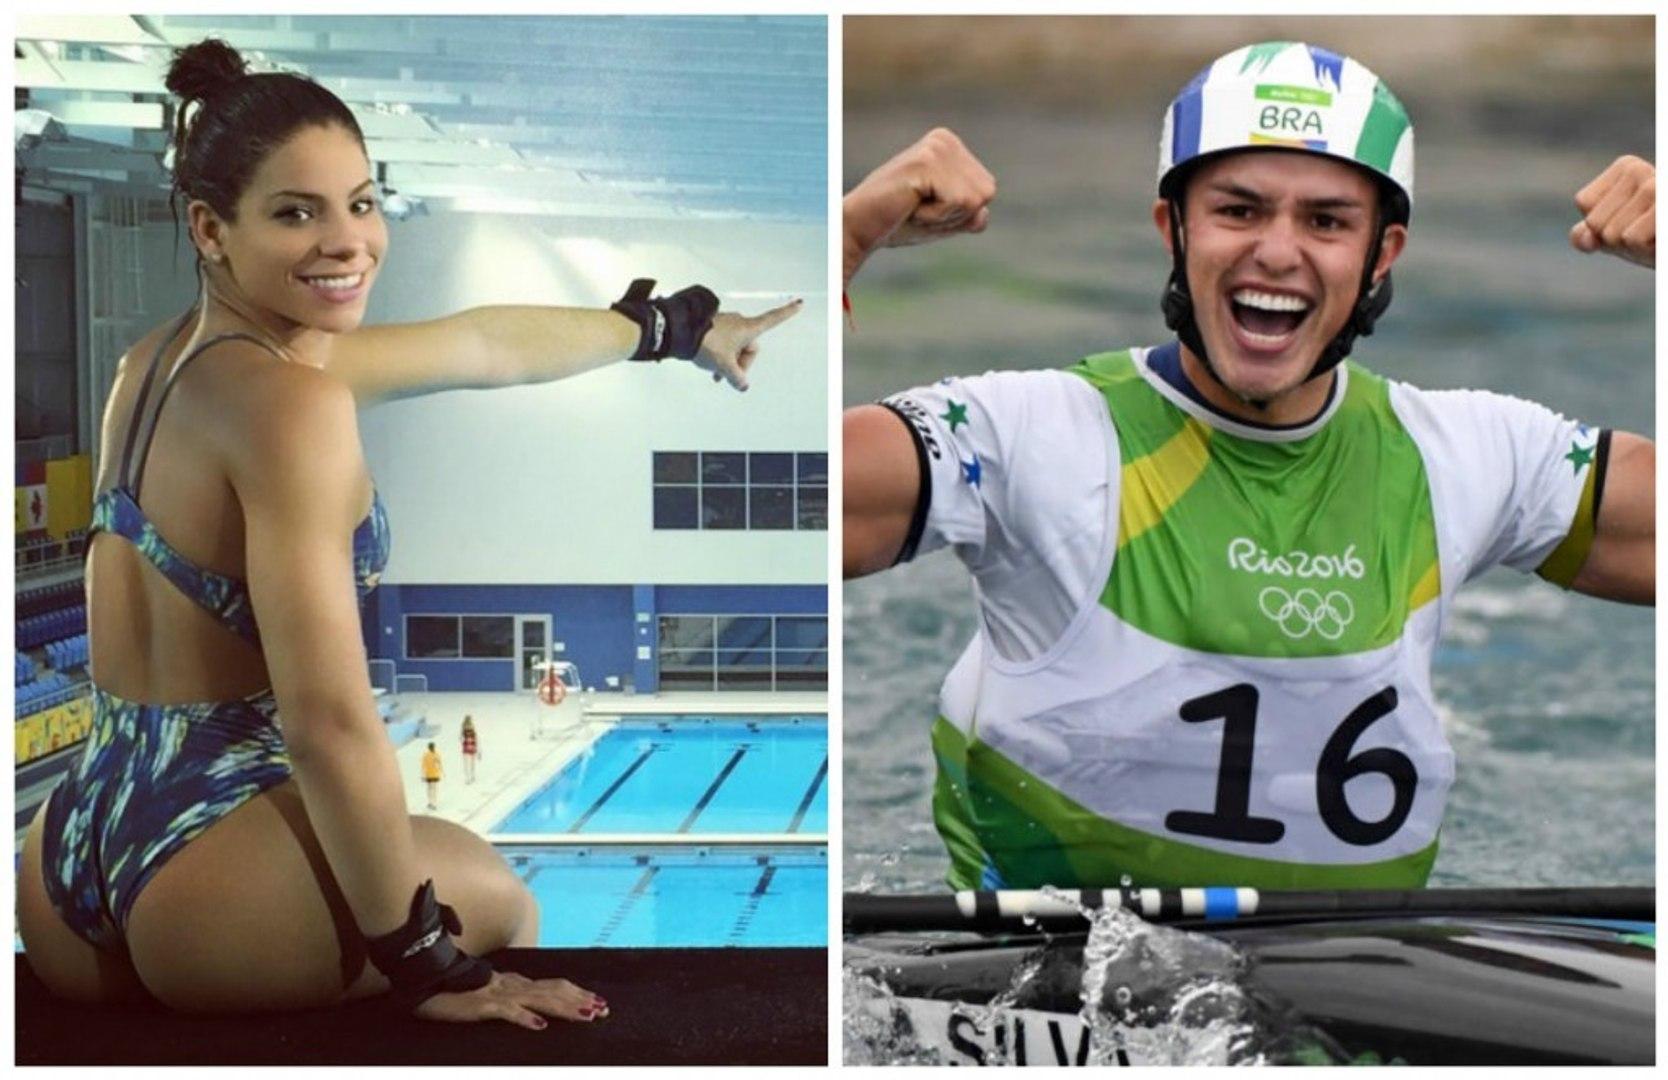 Y la medalla de oro en sexo de Río 2016 fue para... Ingrid de Oliveira y Pedro Gonçalves